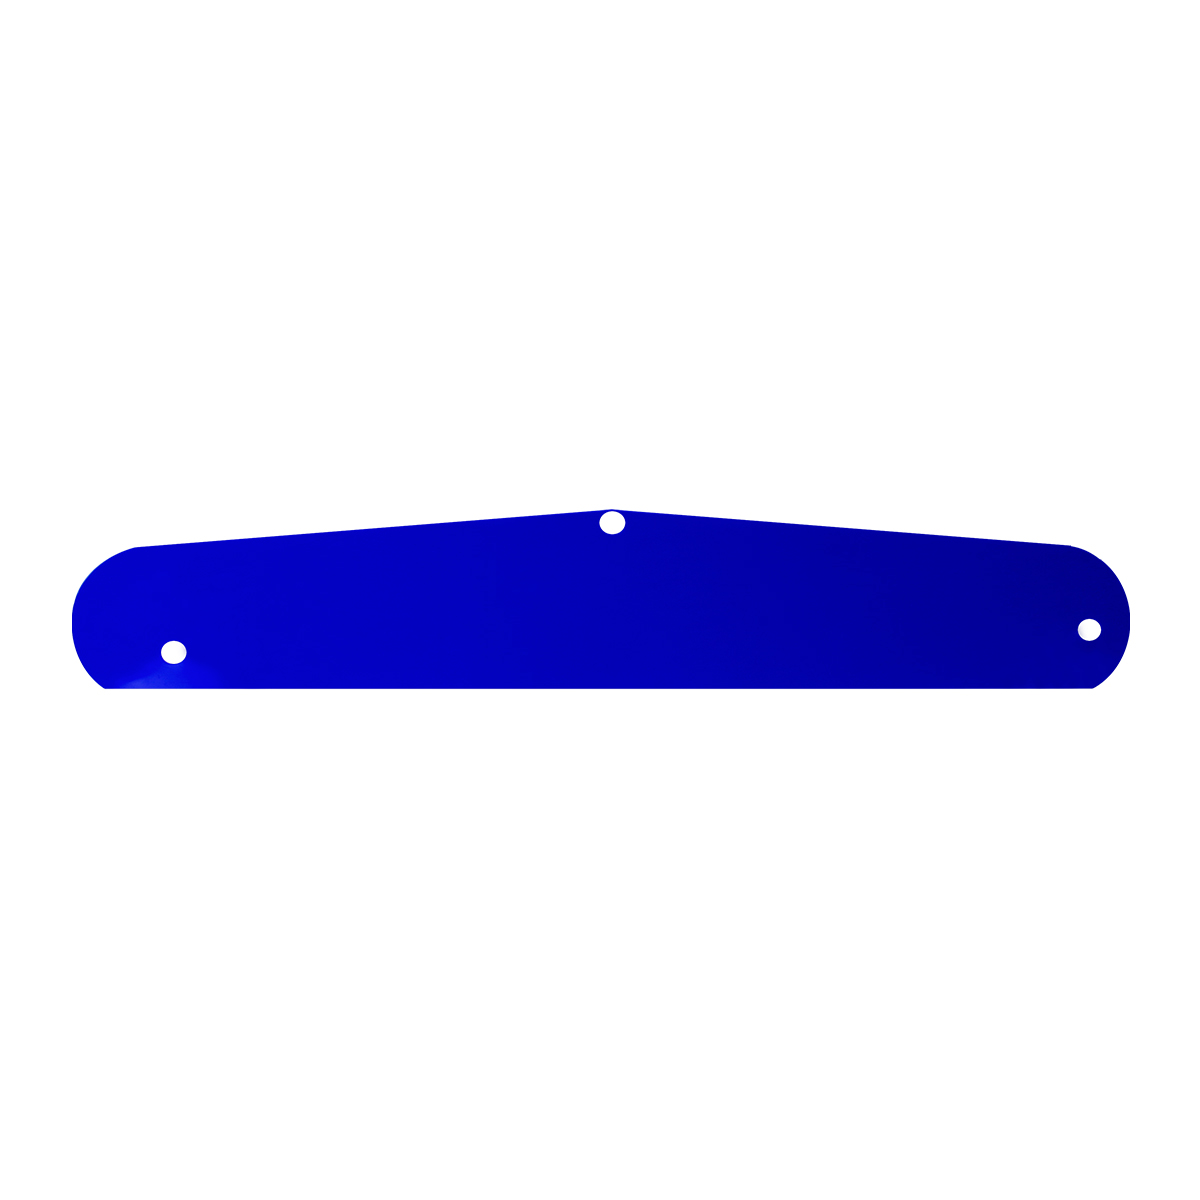 Bottom Plate Backing Sheets for Freightliner's Bottom Plate Logo – Blue